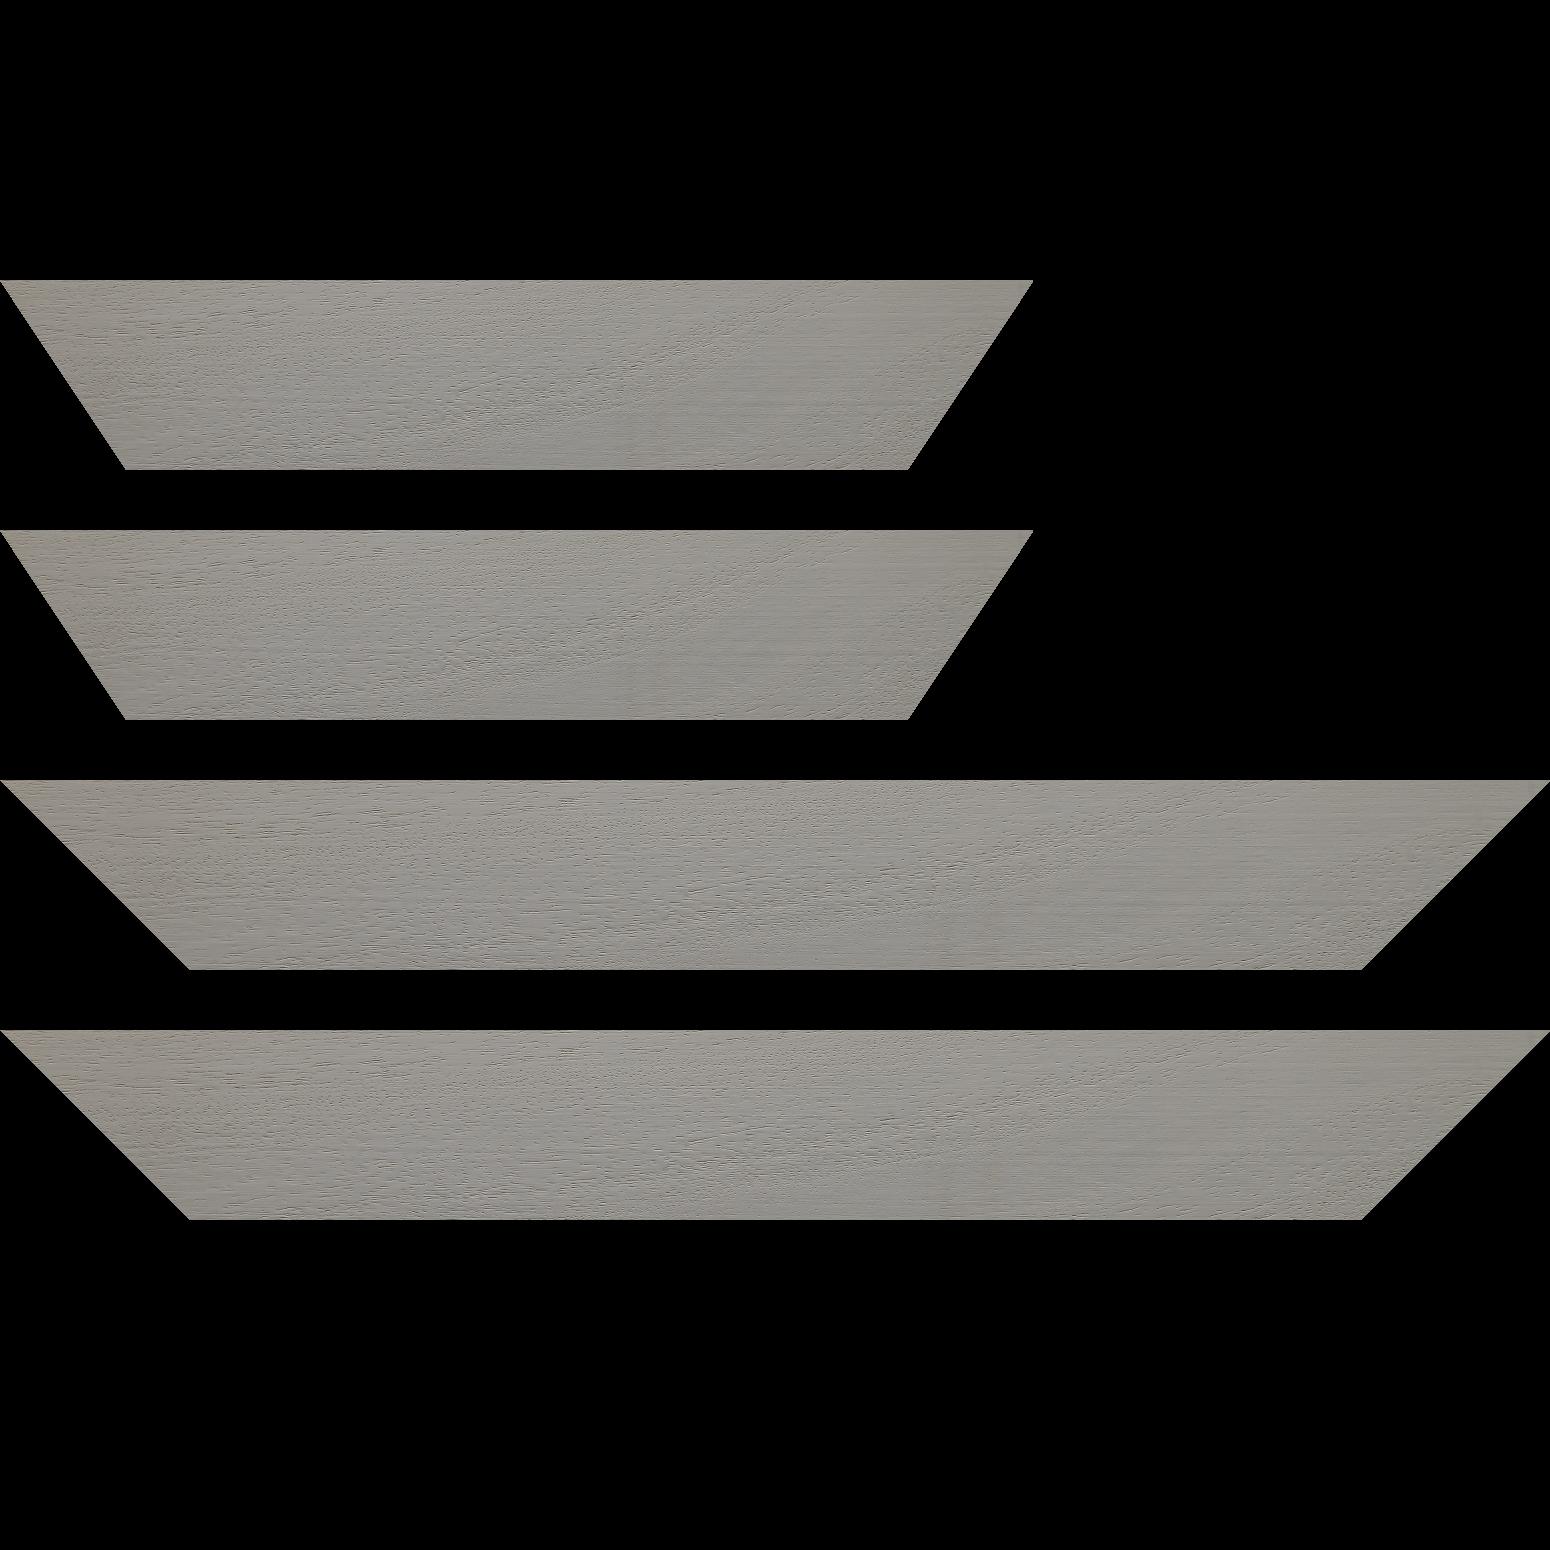 Baguette service précoupé Bois profil plat largeur 5.9cm couleur gris clair satiné